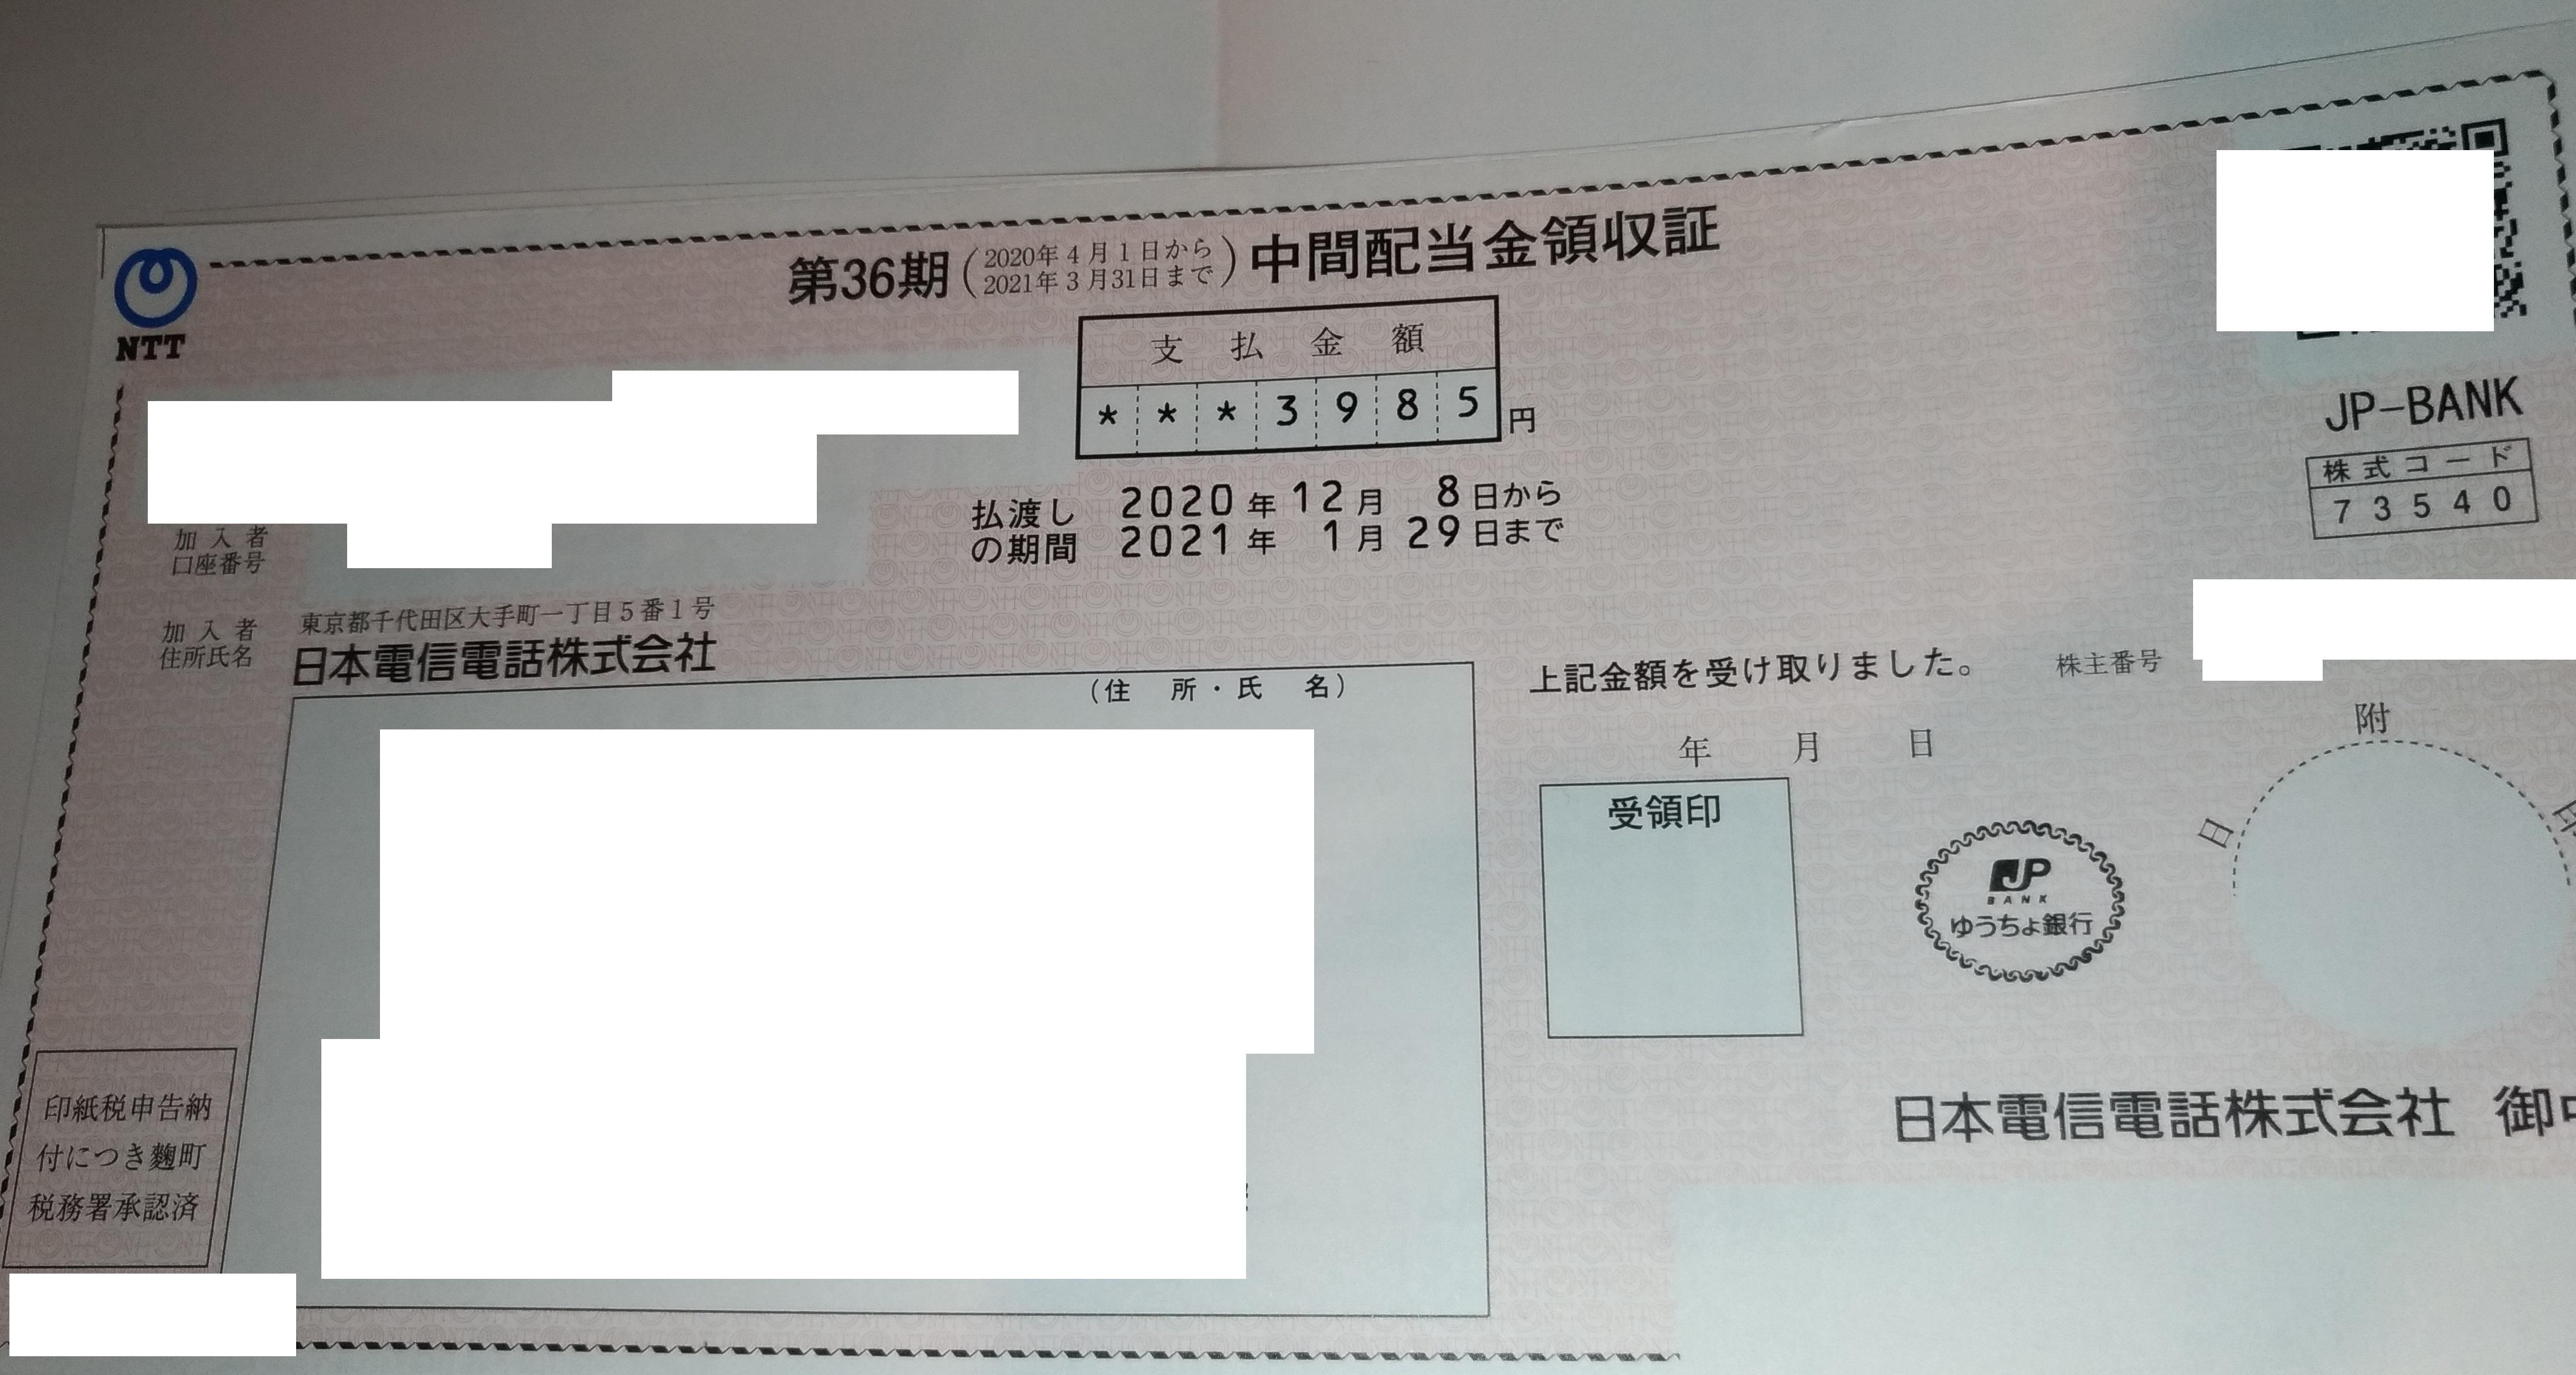 ntt_haito_2020_12_8_2.jpg